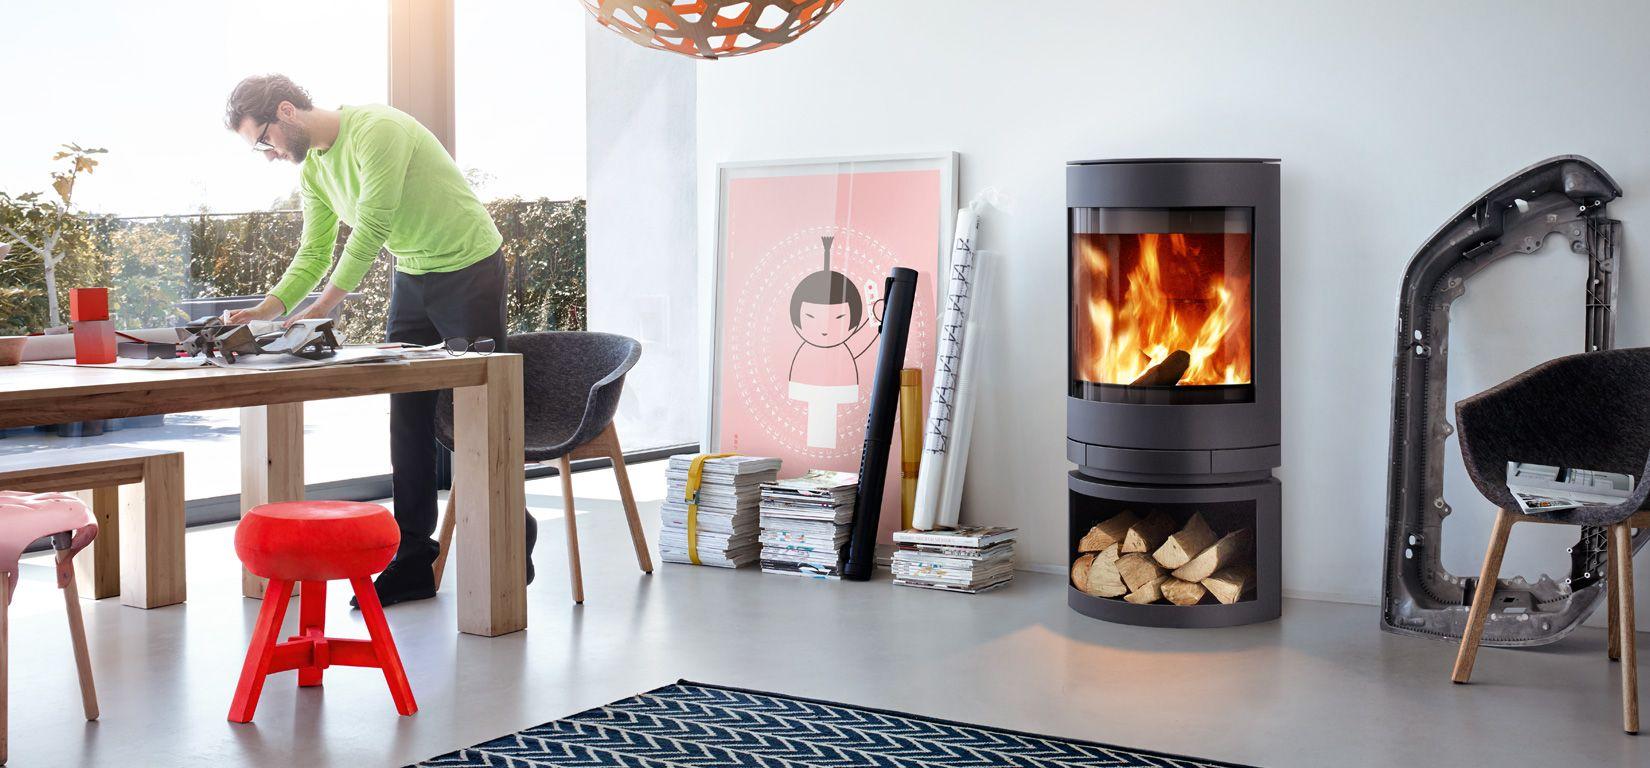 kaminofen von skantherm wir sind feuer und flamme scandinavian dining pinterest father. Black Bedroom Furniture Sets. Home Design Ideas